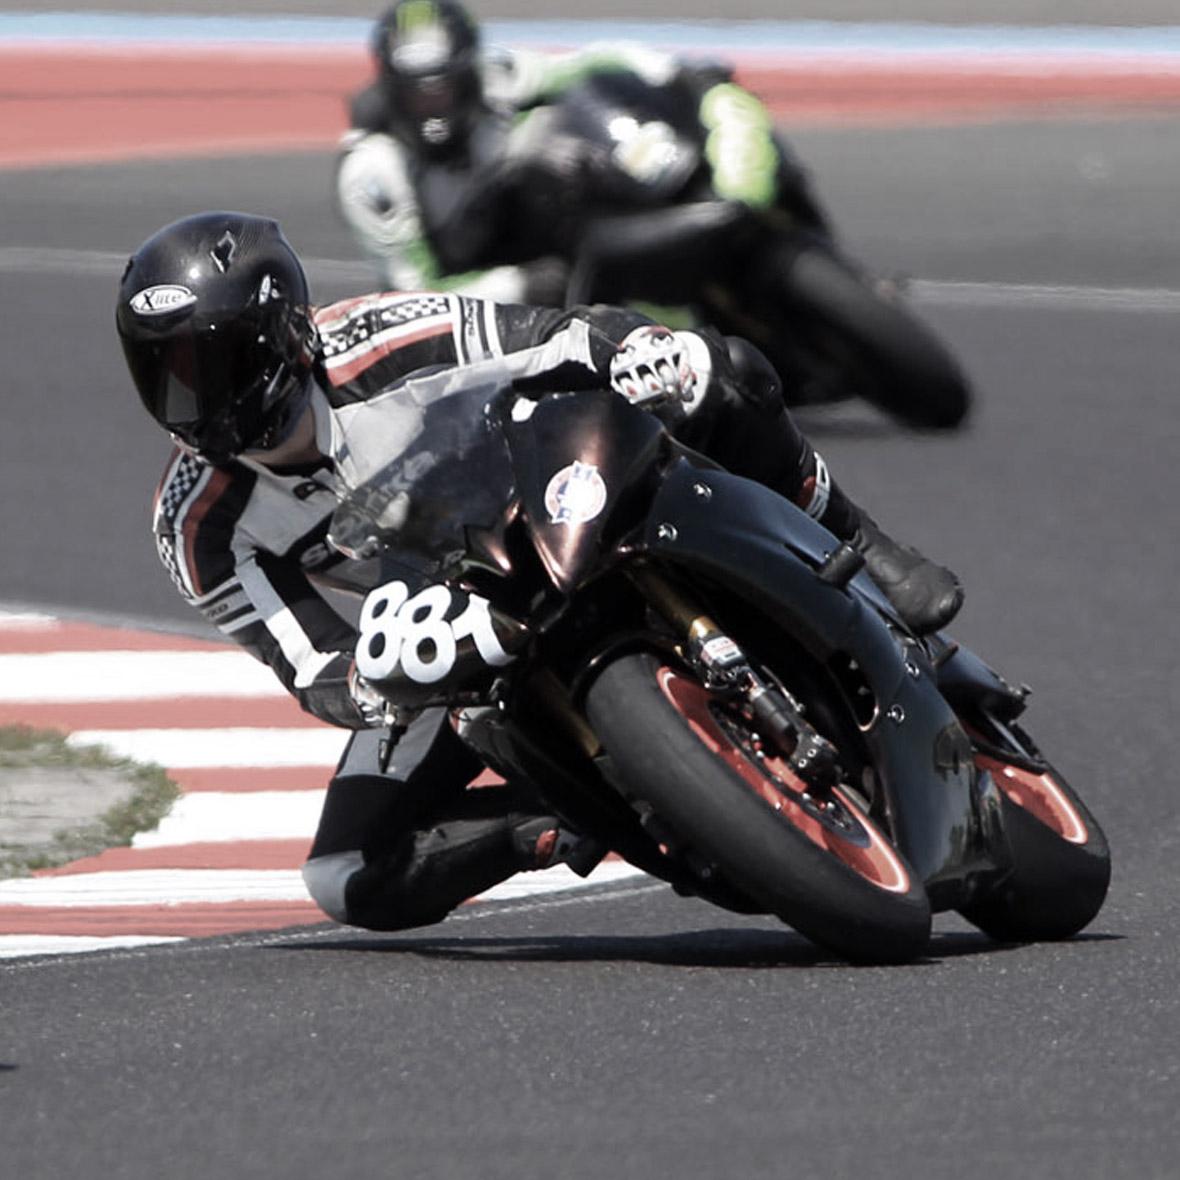 Yamaha R6 - Team mc4fun - Marlon Dixon